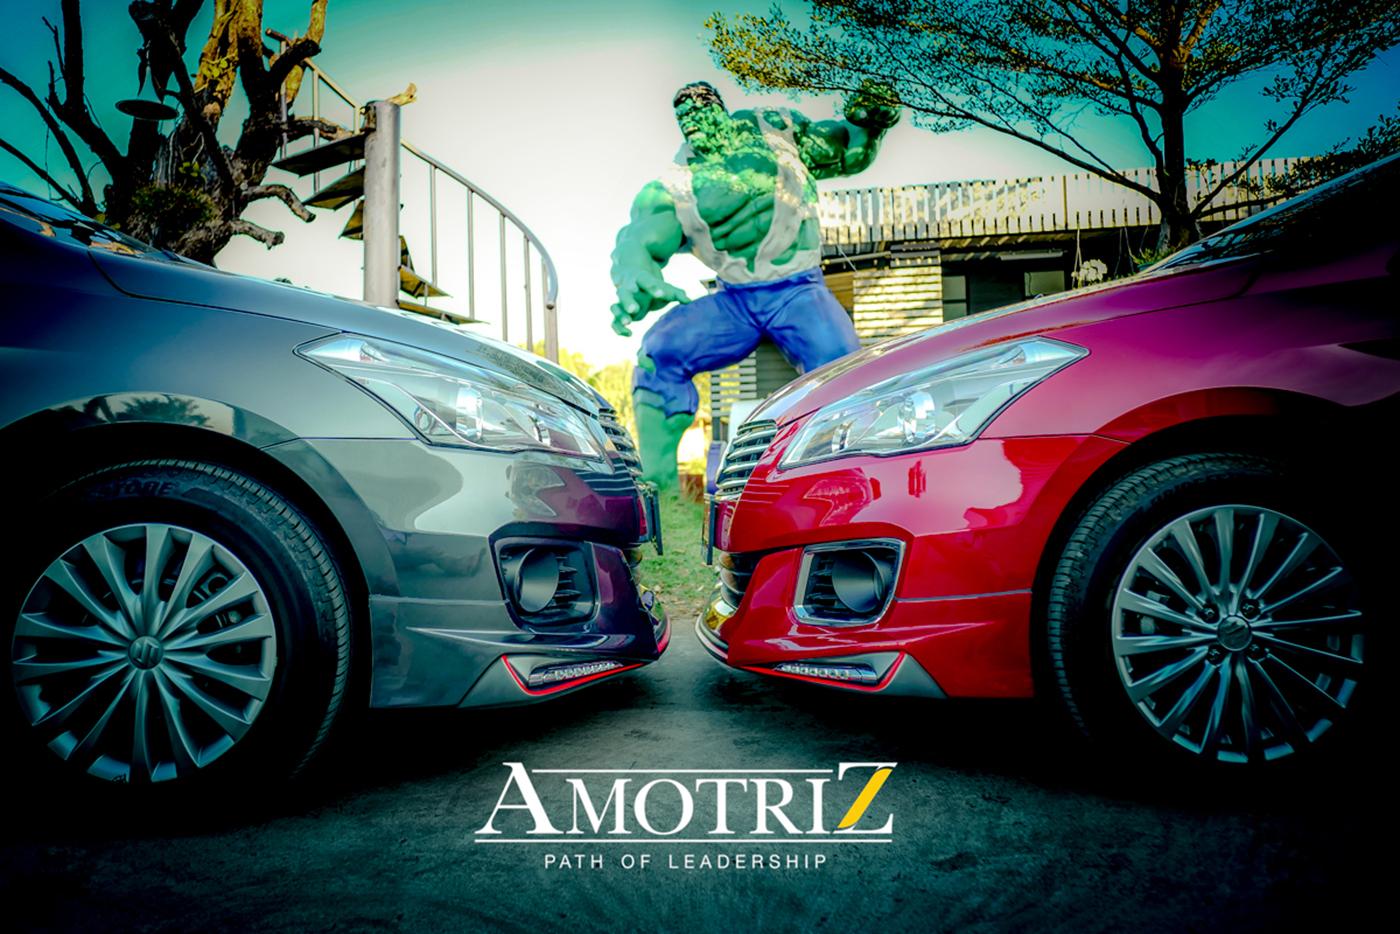 suzuki-ciaz-with-amotriz-body-kit-2.jpg